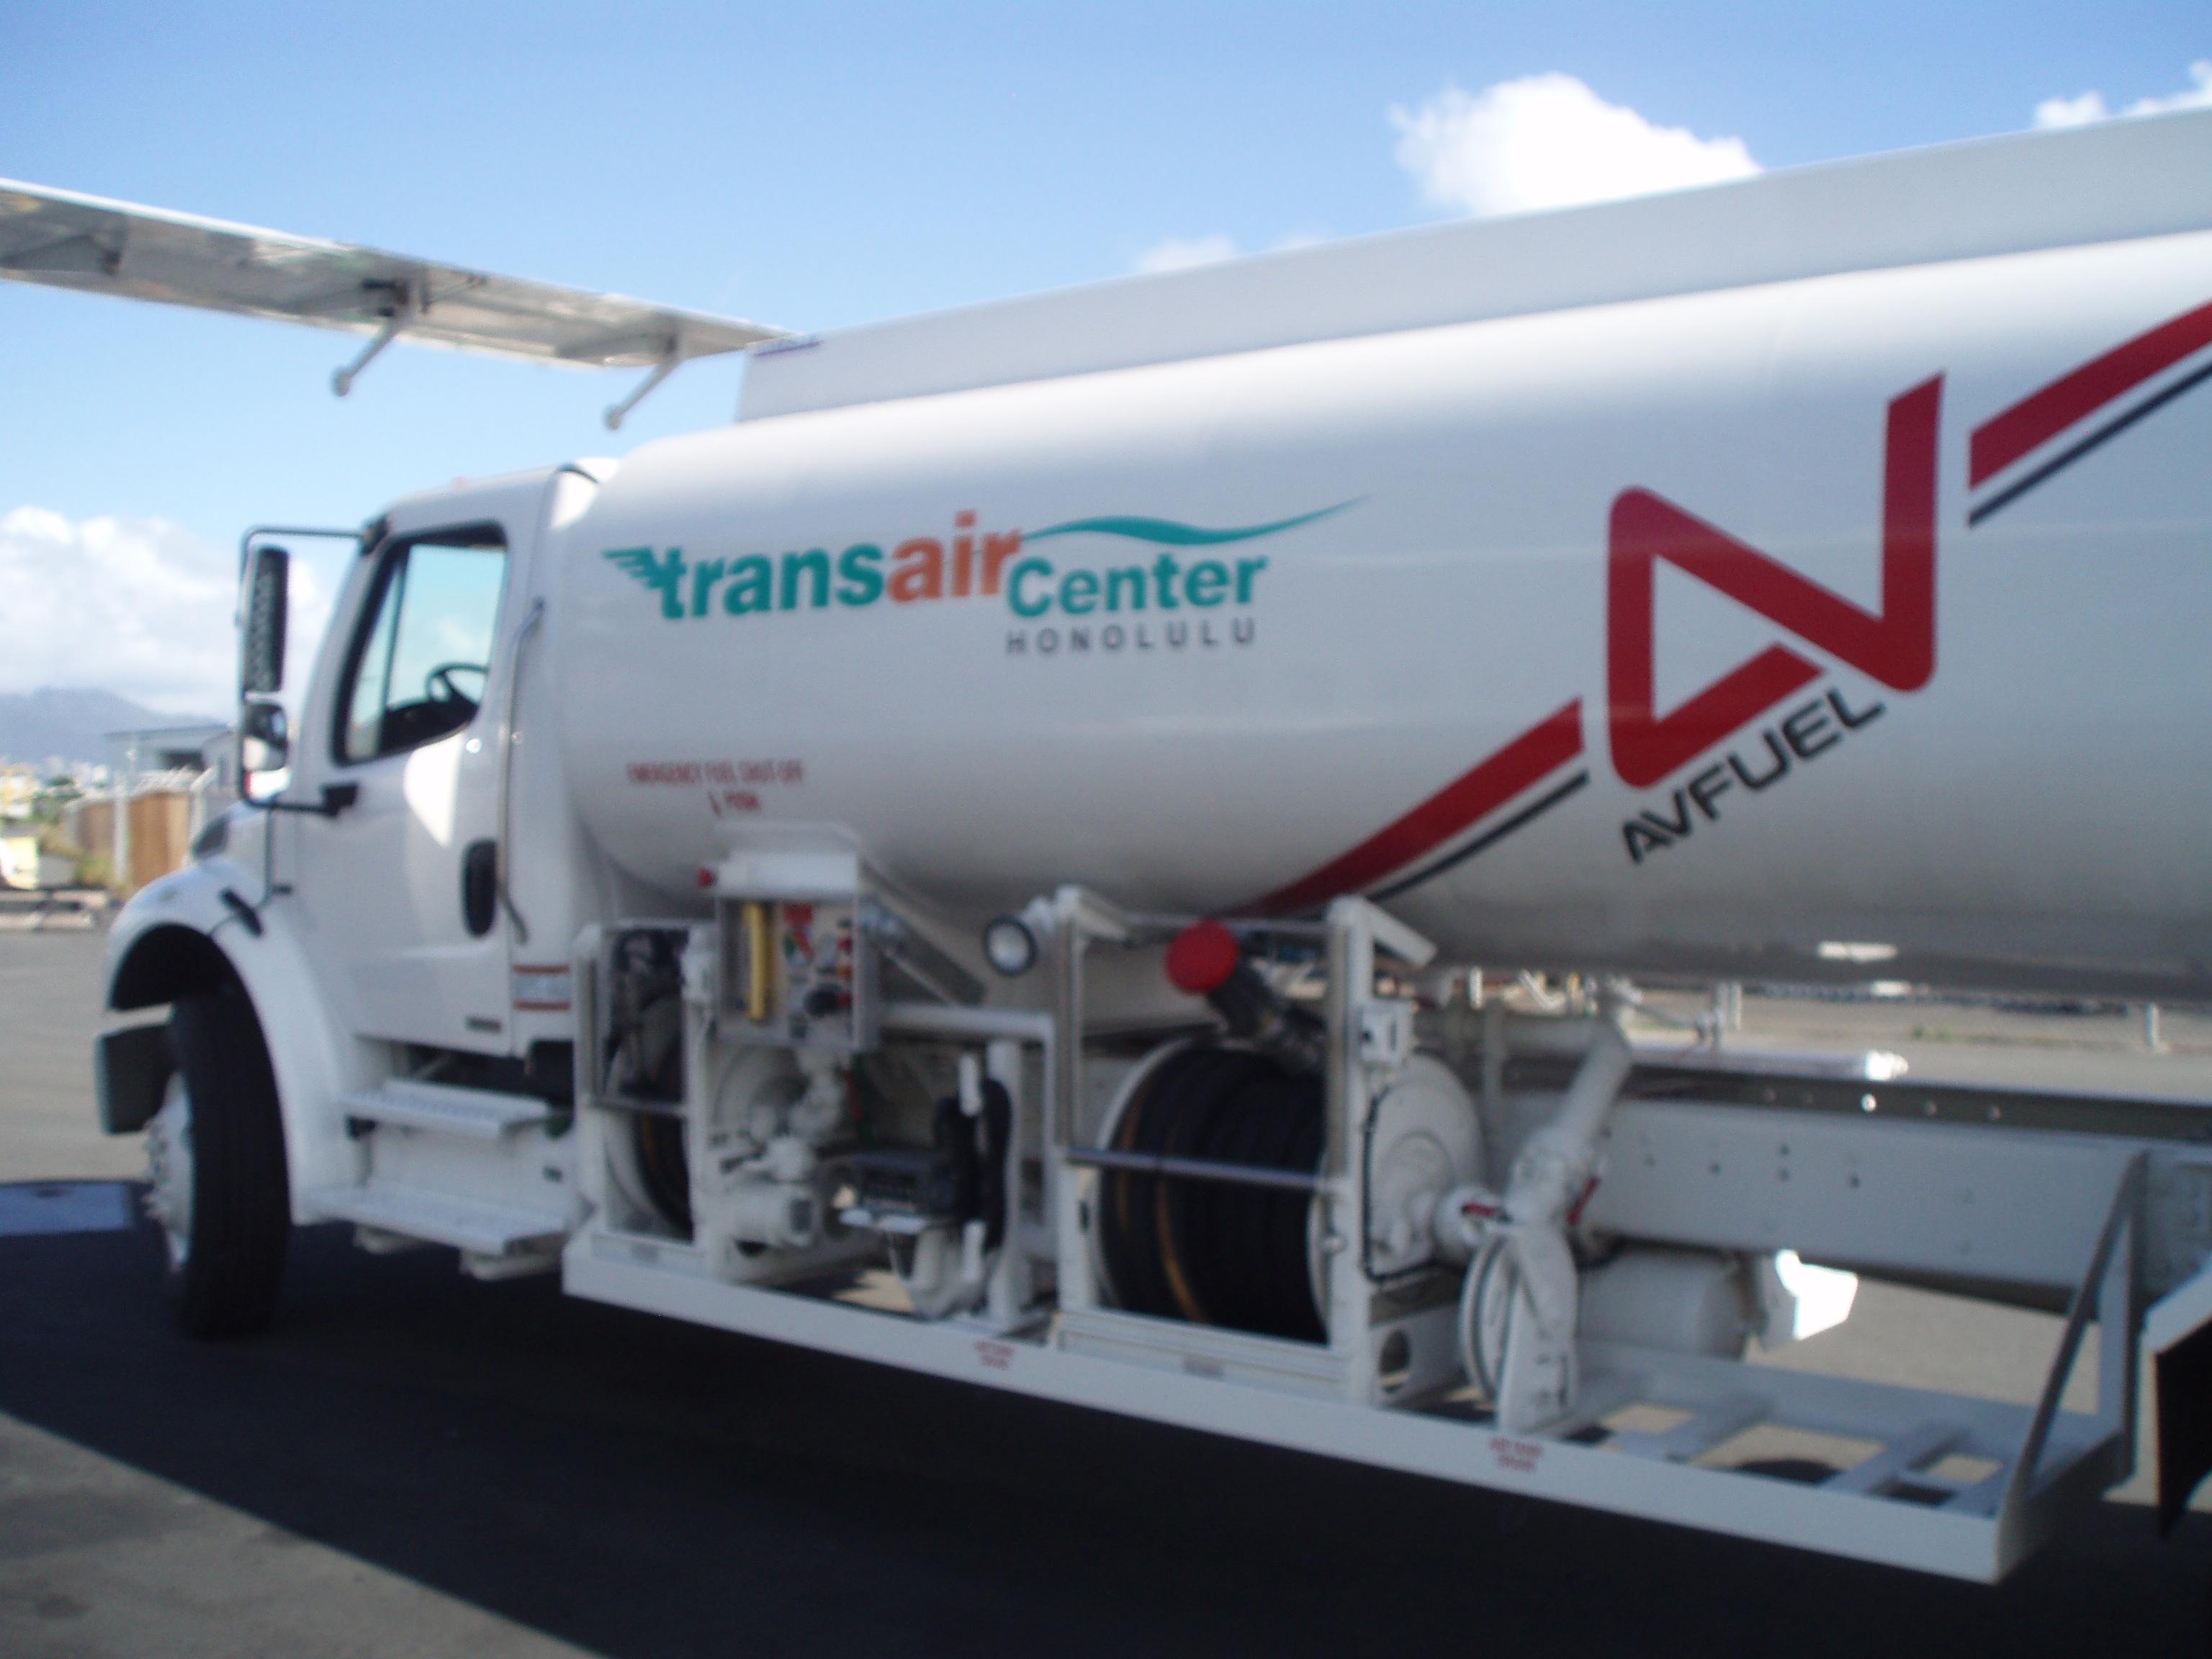 Transair Center